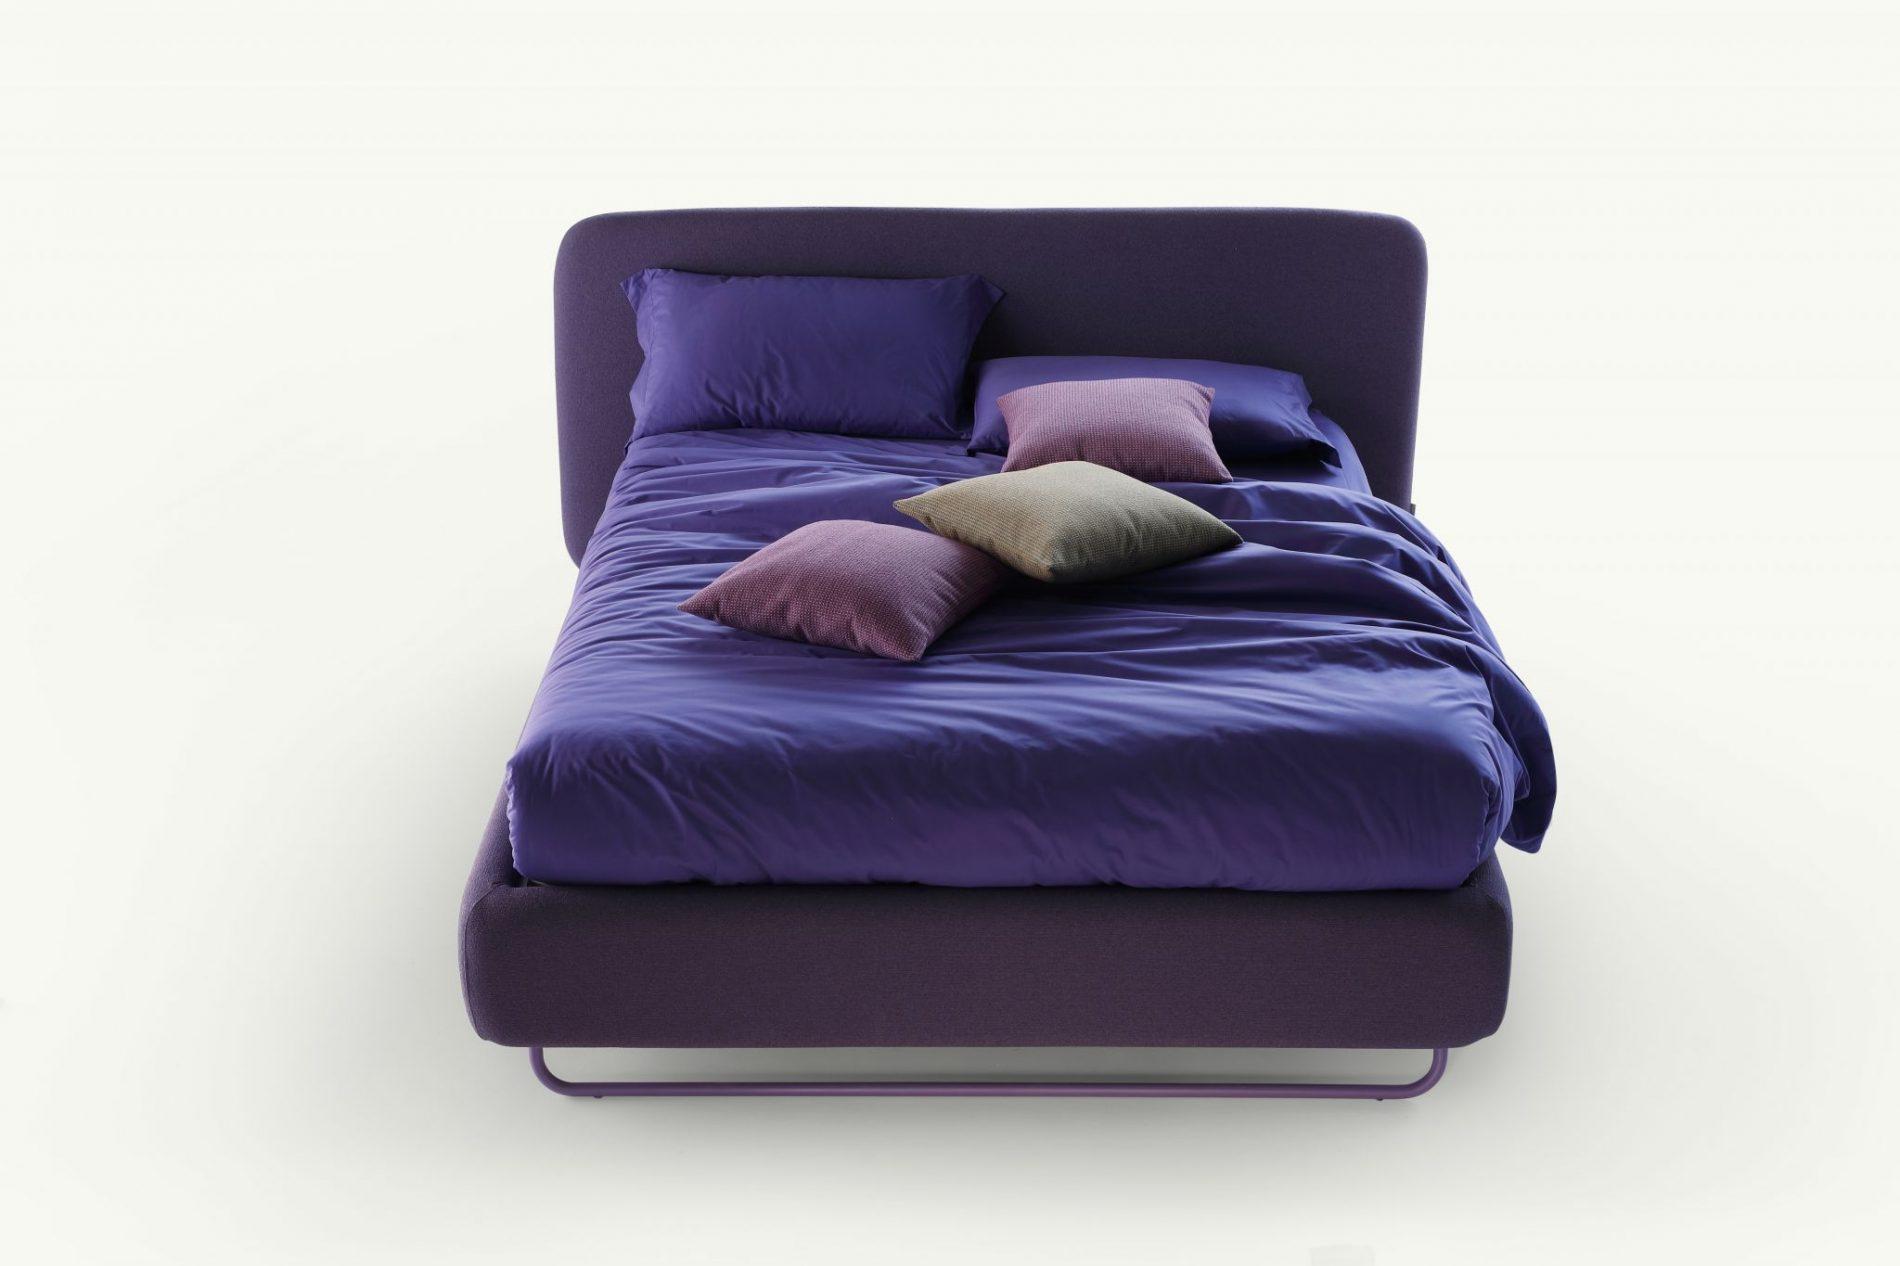 letto in tessuto di colore viola